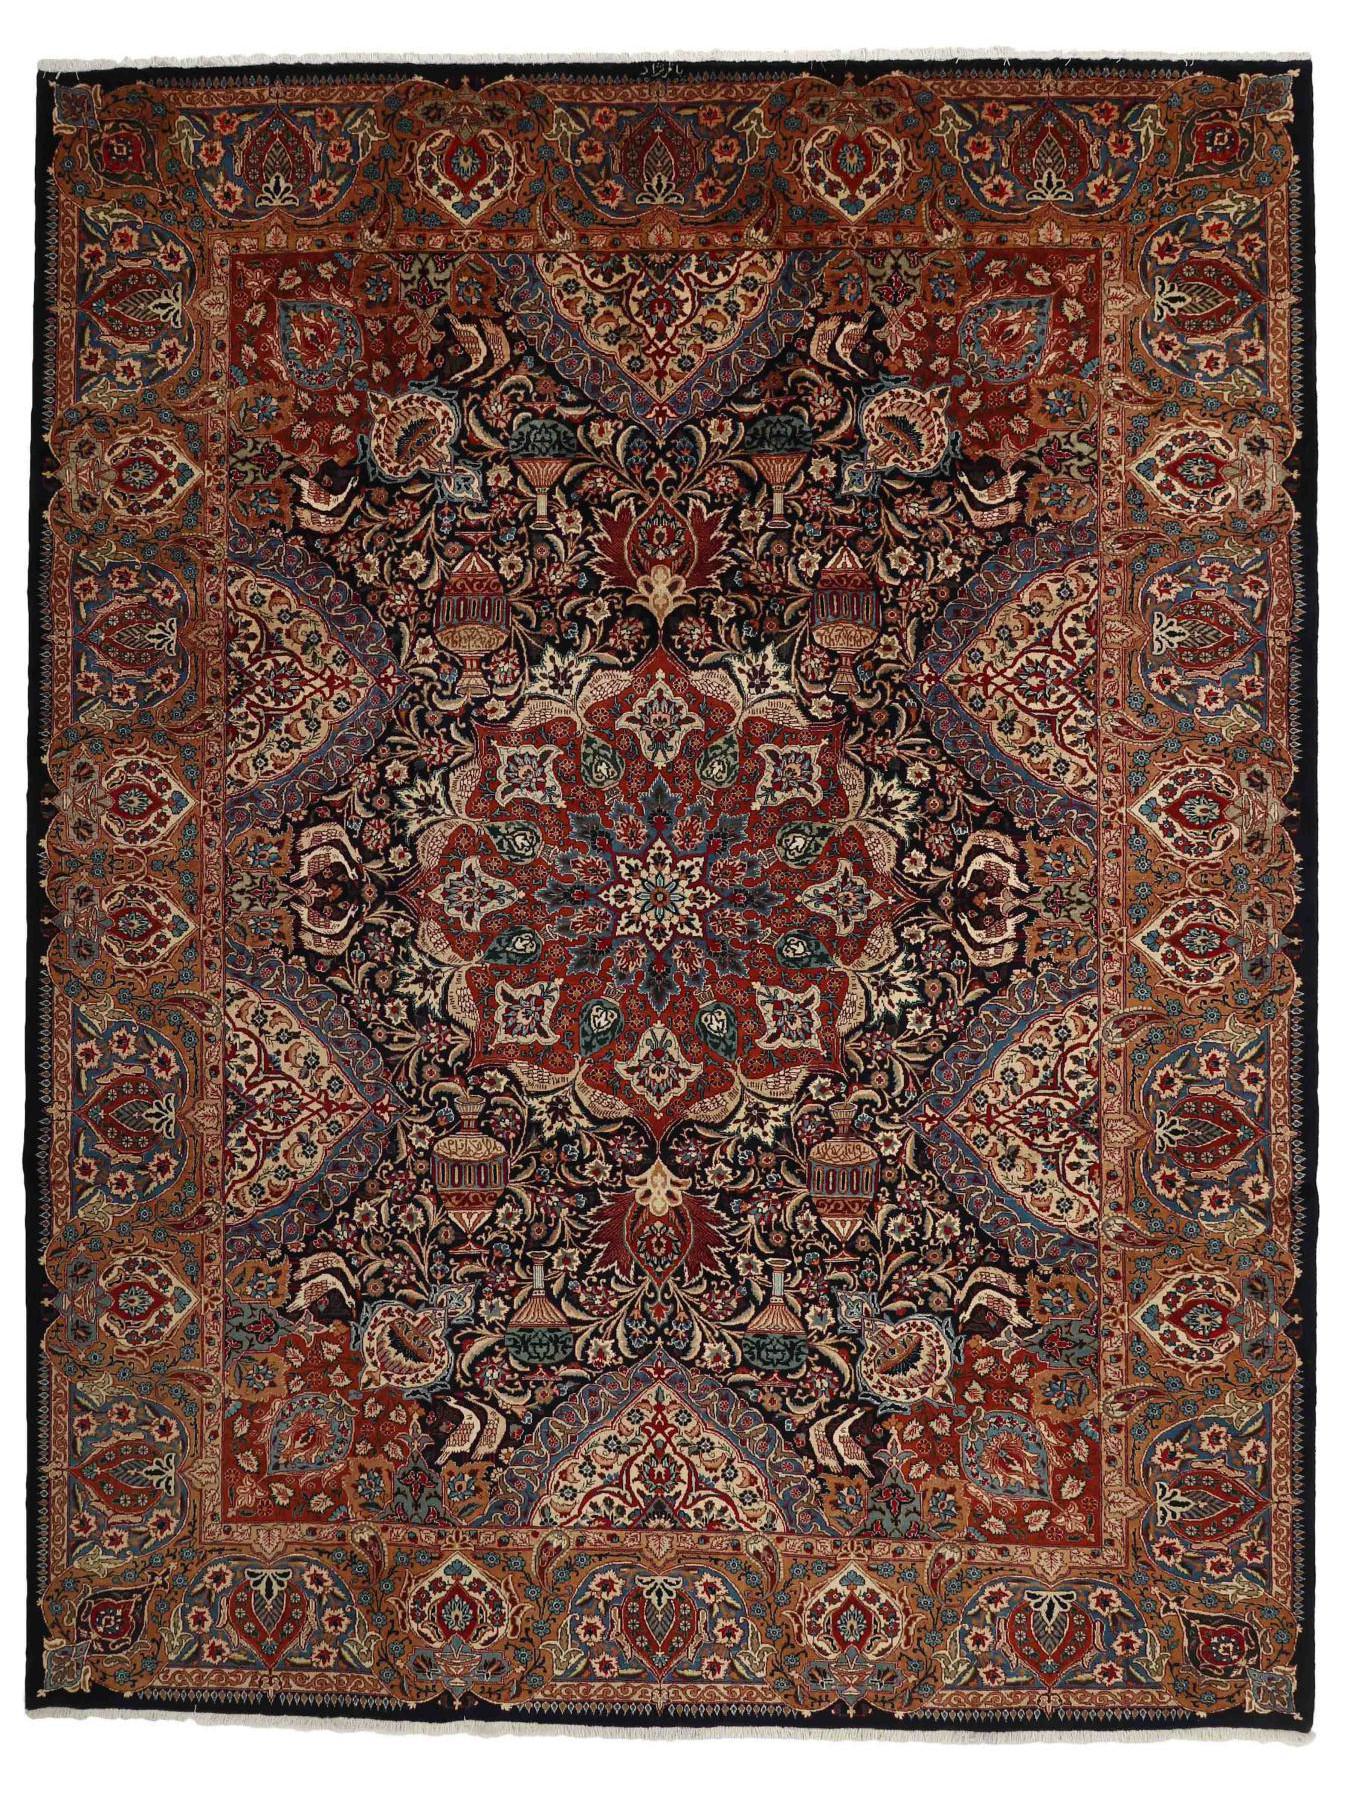 Perzische tapijten - Kashmar